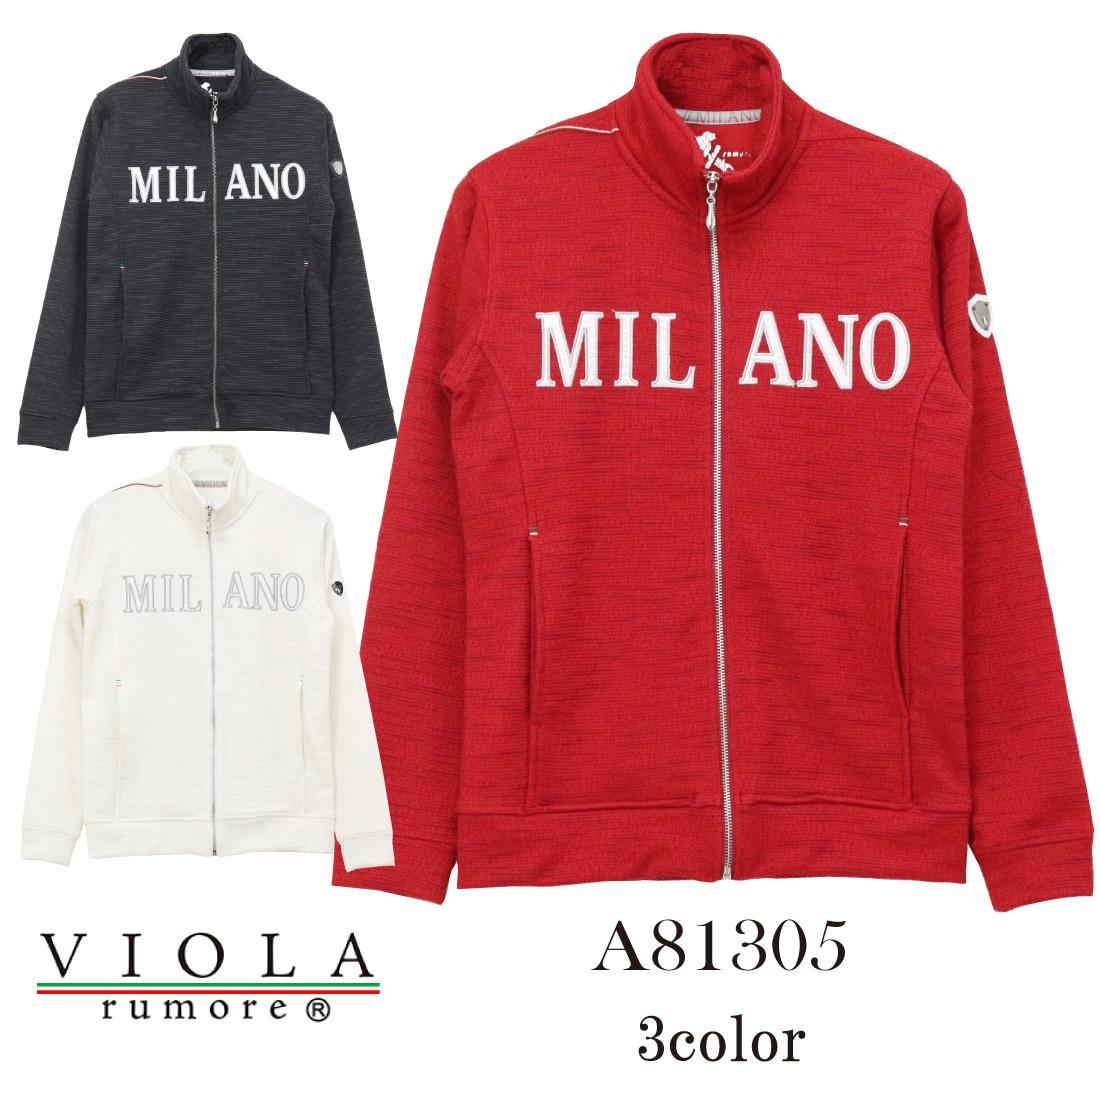 VIOLA ヴィオラ A81305 長袖 ジャケット フルZIPスラブ Wフェイス スタンド ワッペン 赤 白 黒 メンズ M/Lトップス